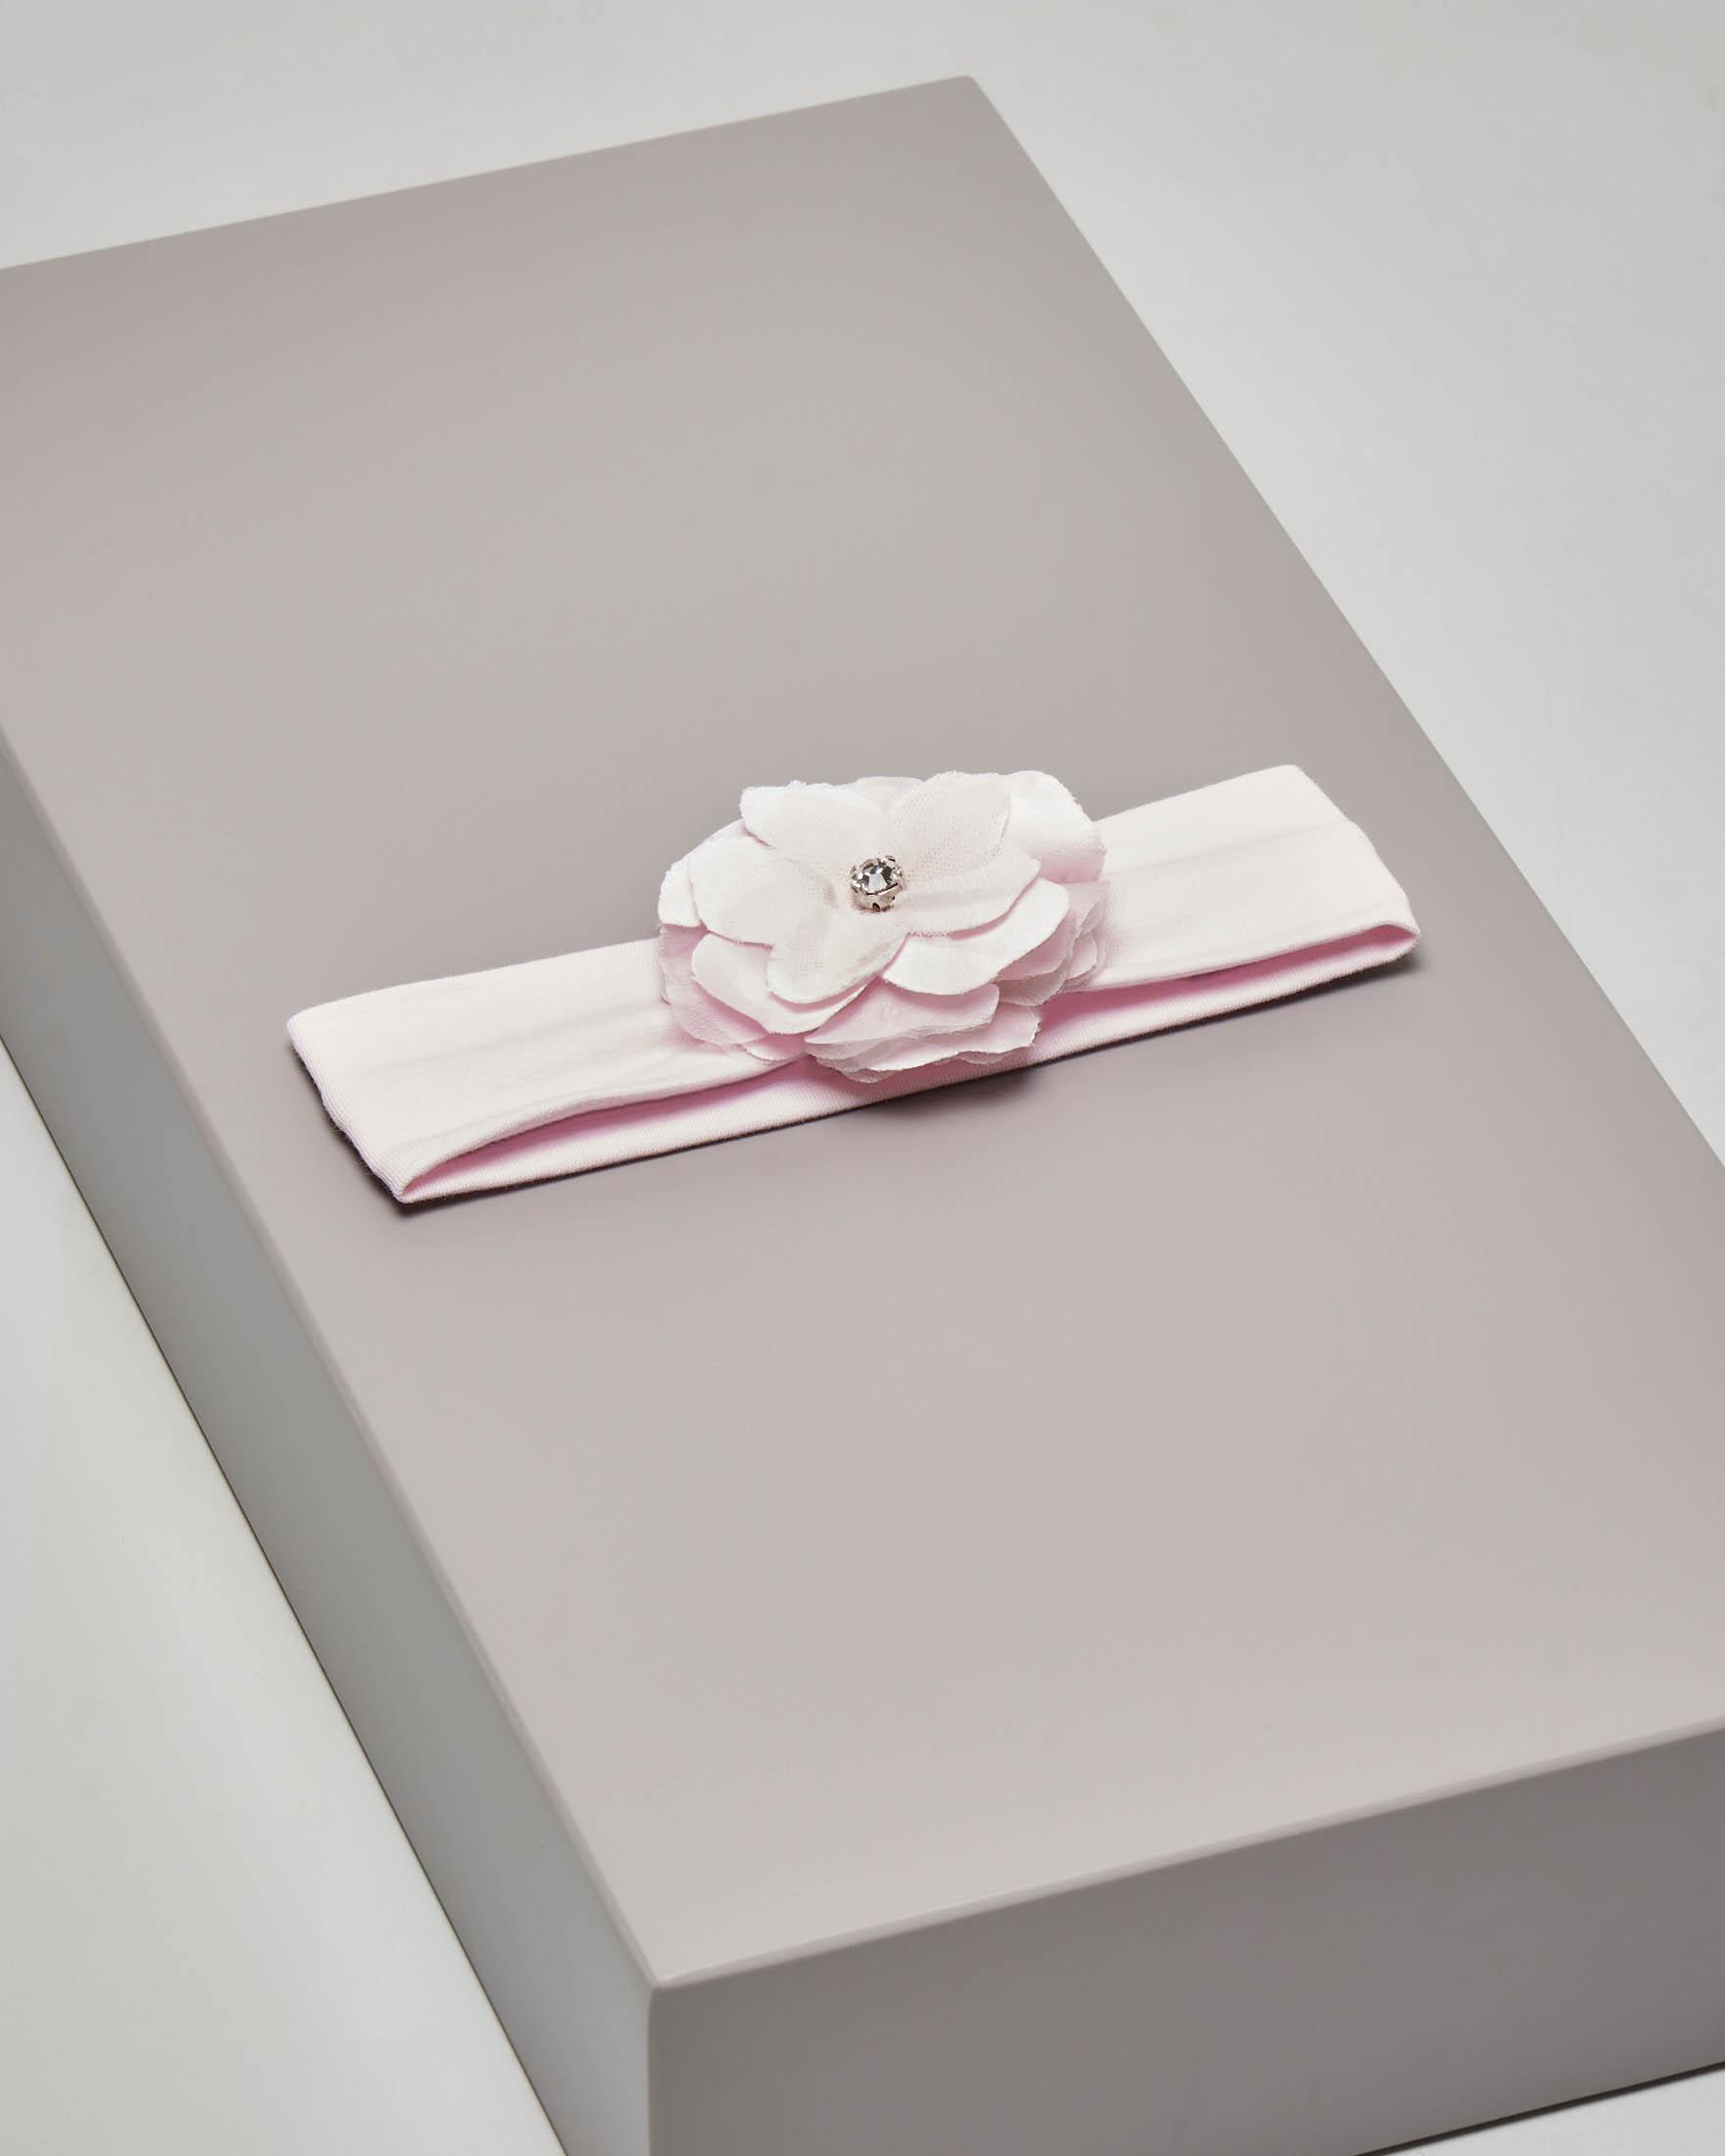 Fascia rosa in cotone elasticizzato con fiore e gioiello applicati